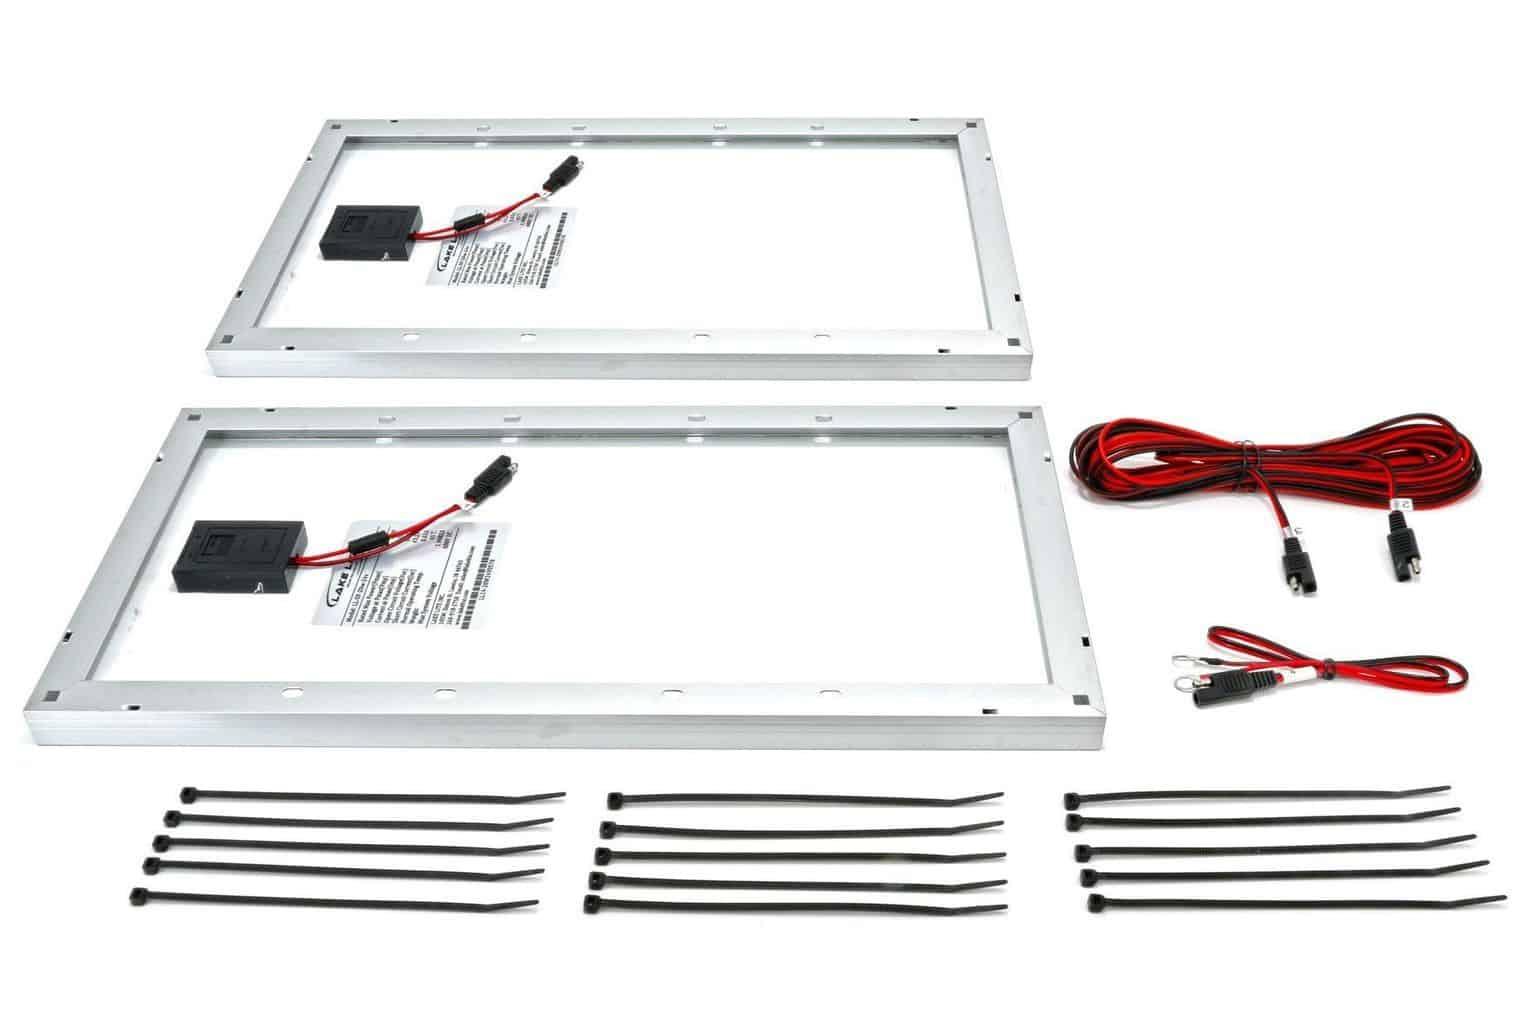 40 Watt 24 Volt Boat Lift Solar Charging Kit Midwest Marine Supplies